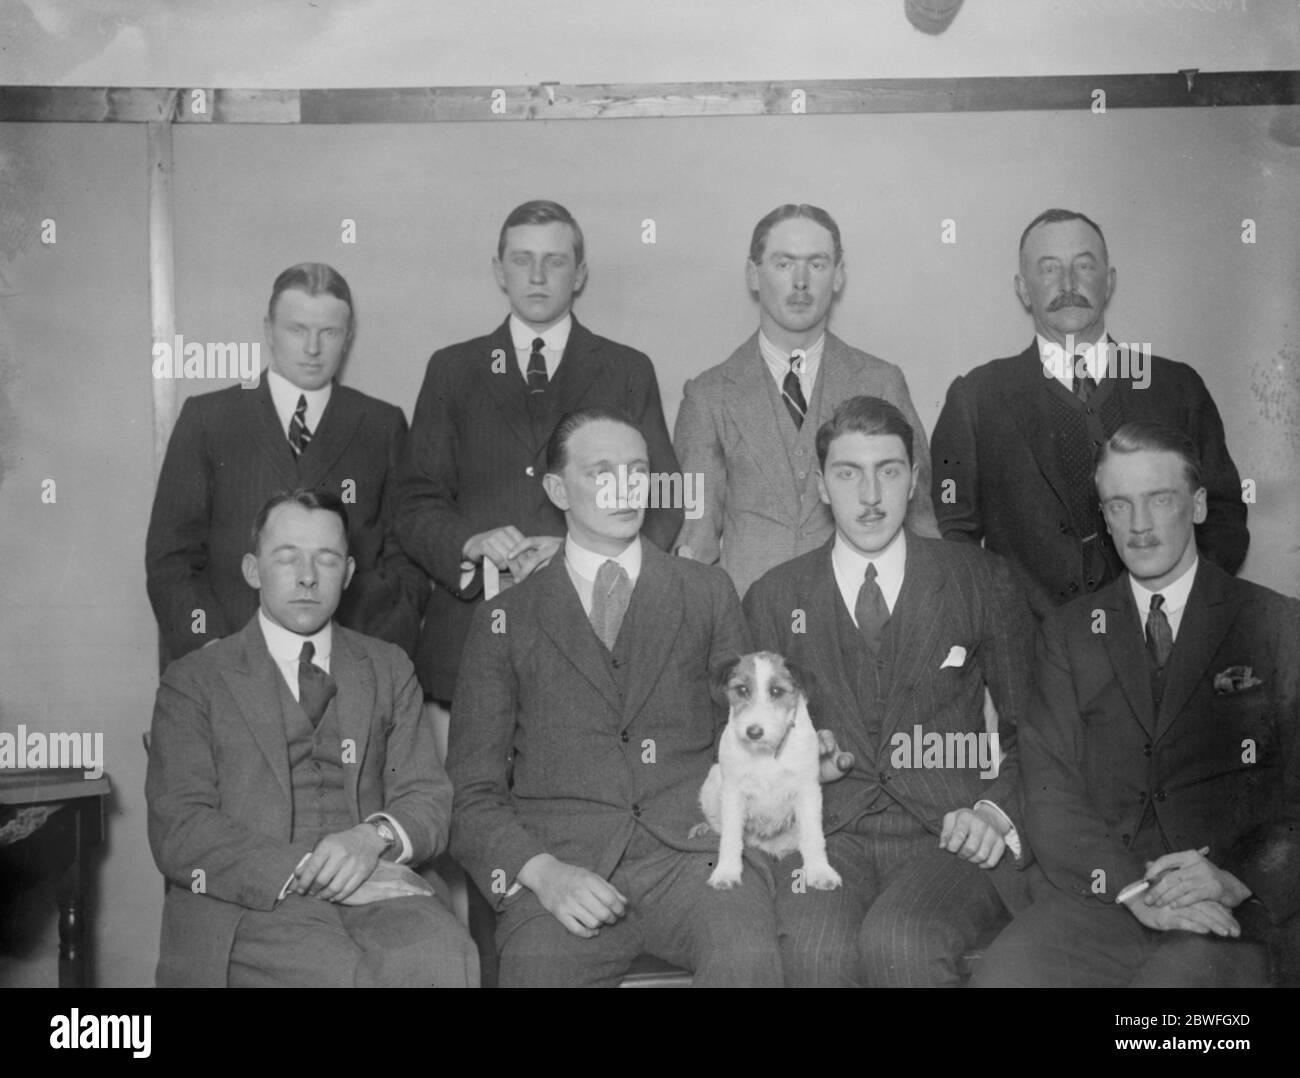 L'expédition scientifique du Pacifique britannique membres de l'expédition qui est d'explorer la Papouasie ( Nouvelle-Guinée britannique ) R A Prescott FRG ( Mammels ) deuxième de droite seulement membre de l'expédition de cette rangée Front Row gauche à droite N McNeill FRG , MSP ( dirigeant l'expédition entière ) H M Frewen ( Entomologie ) , A E Eglise FRG ( Ornithologie ) , L B Conolly FRG ( en charge de l'avance partie ) 7 novembre 1922 Banque D'Images